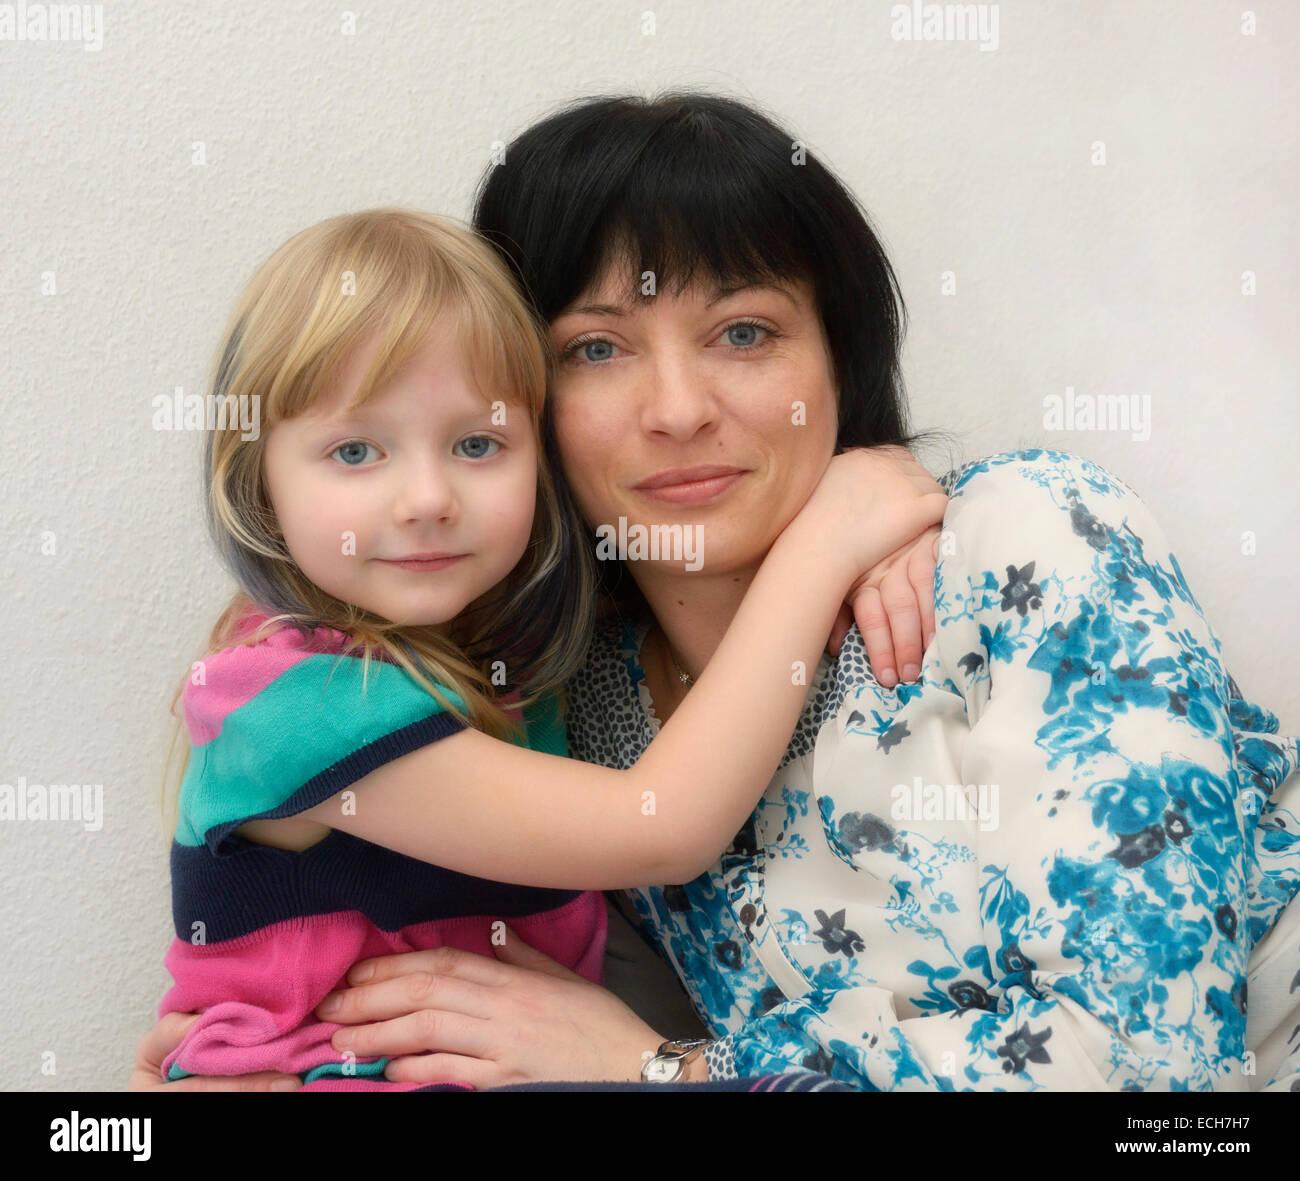 Niña de 5 años, abrazando a su madre, de 35 años Imagen De Stock